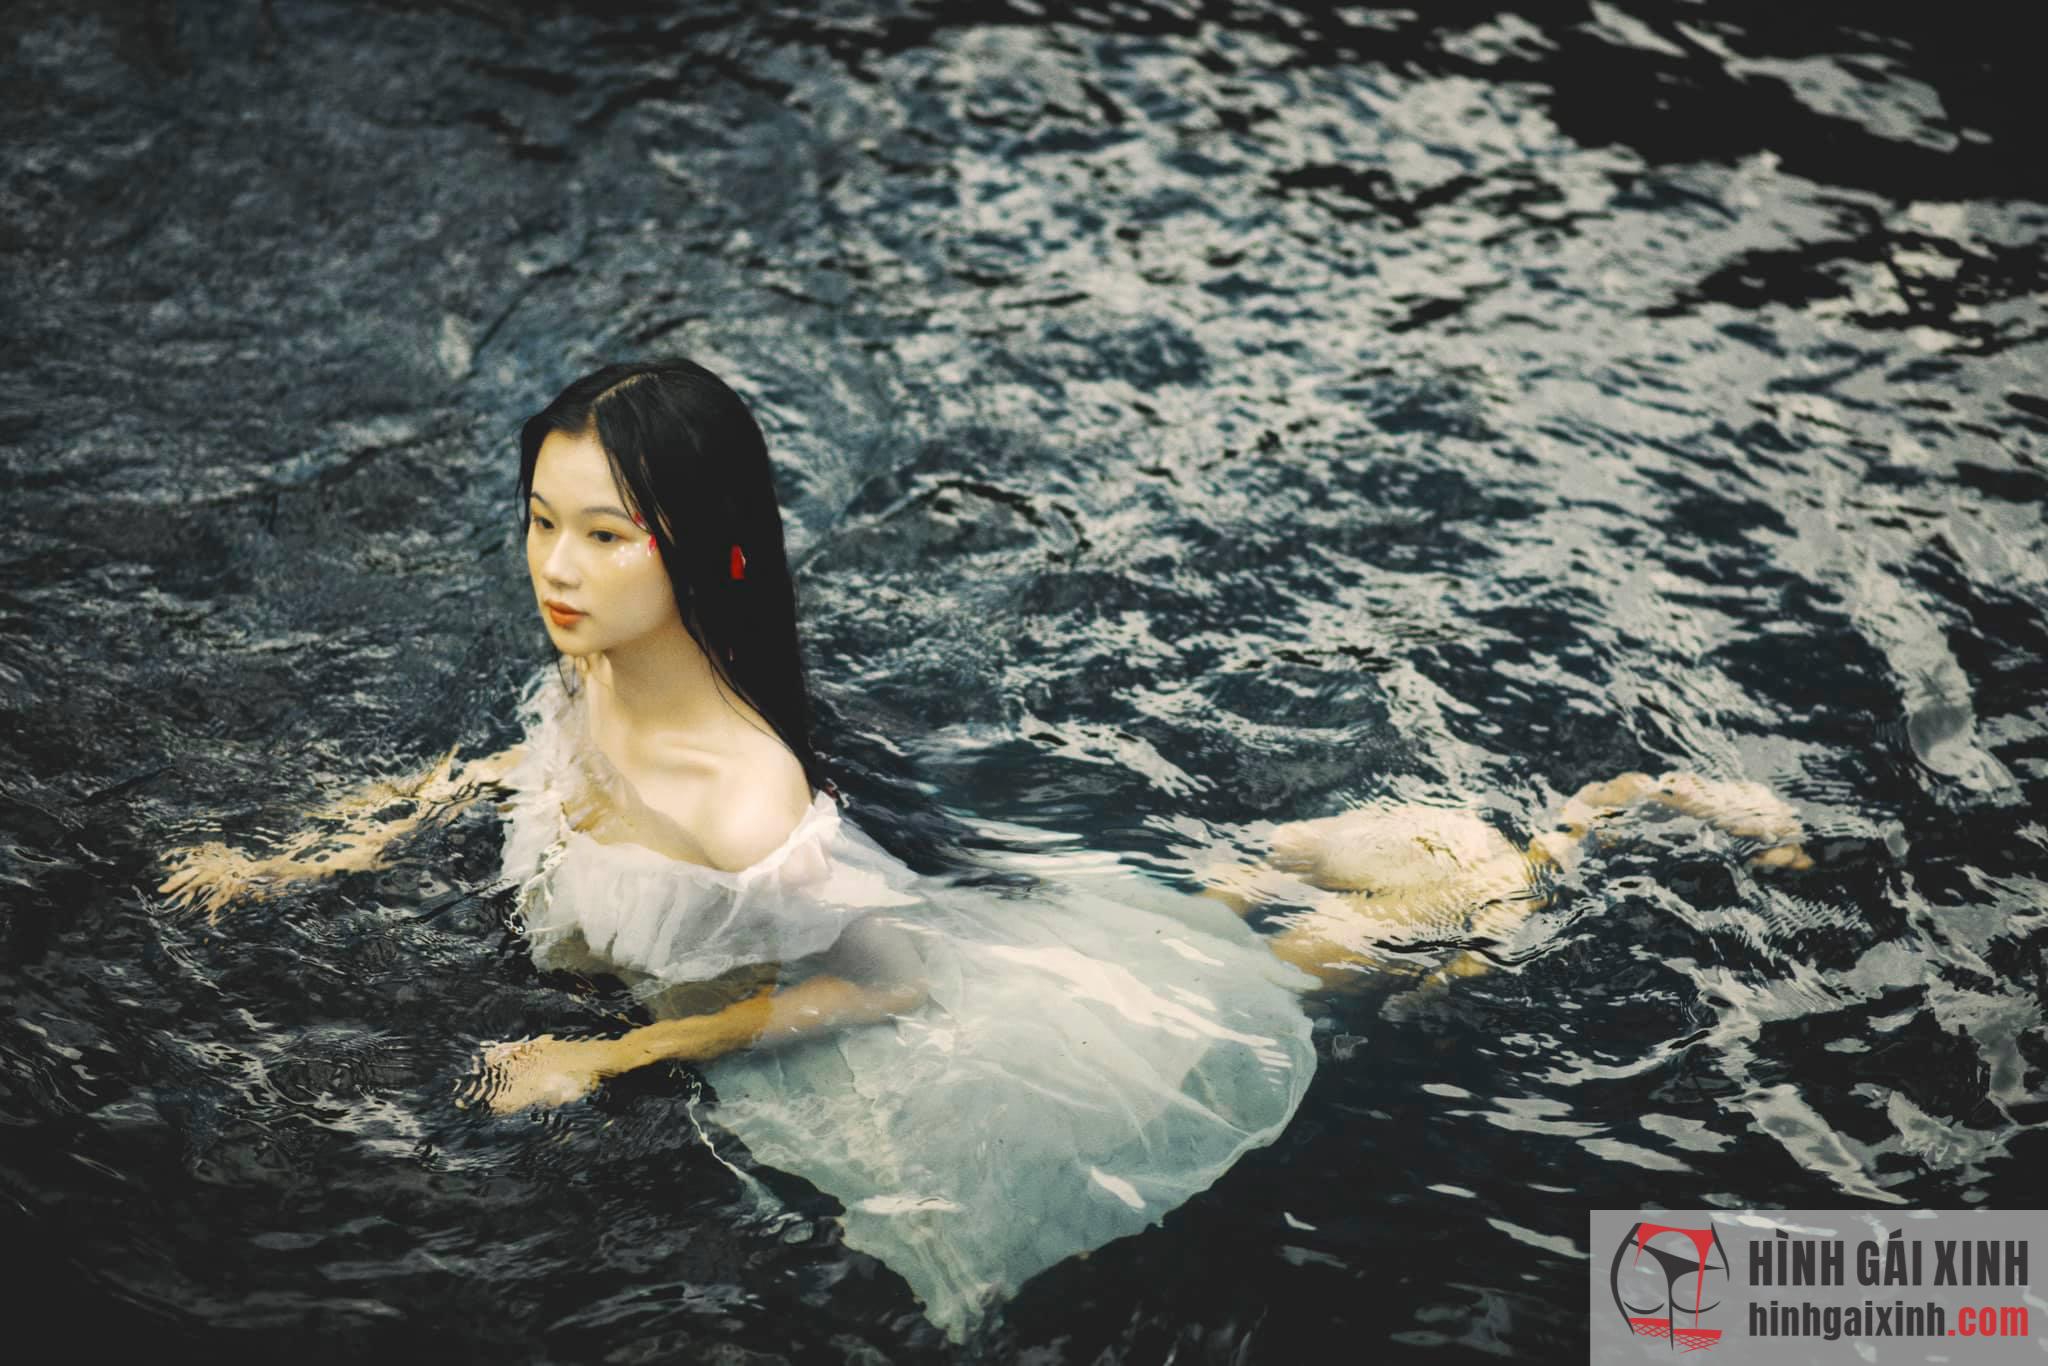 hot girl streamer Mai Linh Zuto vốn nổi tiếng nhờ thân hình nóng bỏng cùng với nét đẹp thơ ngây